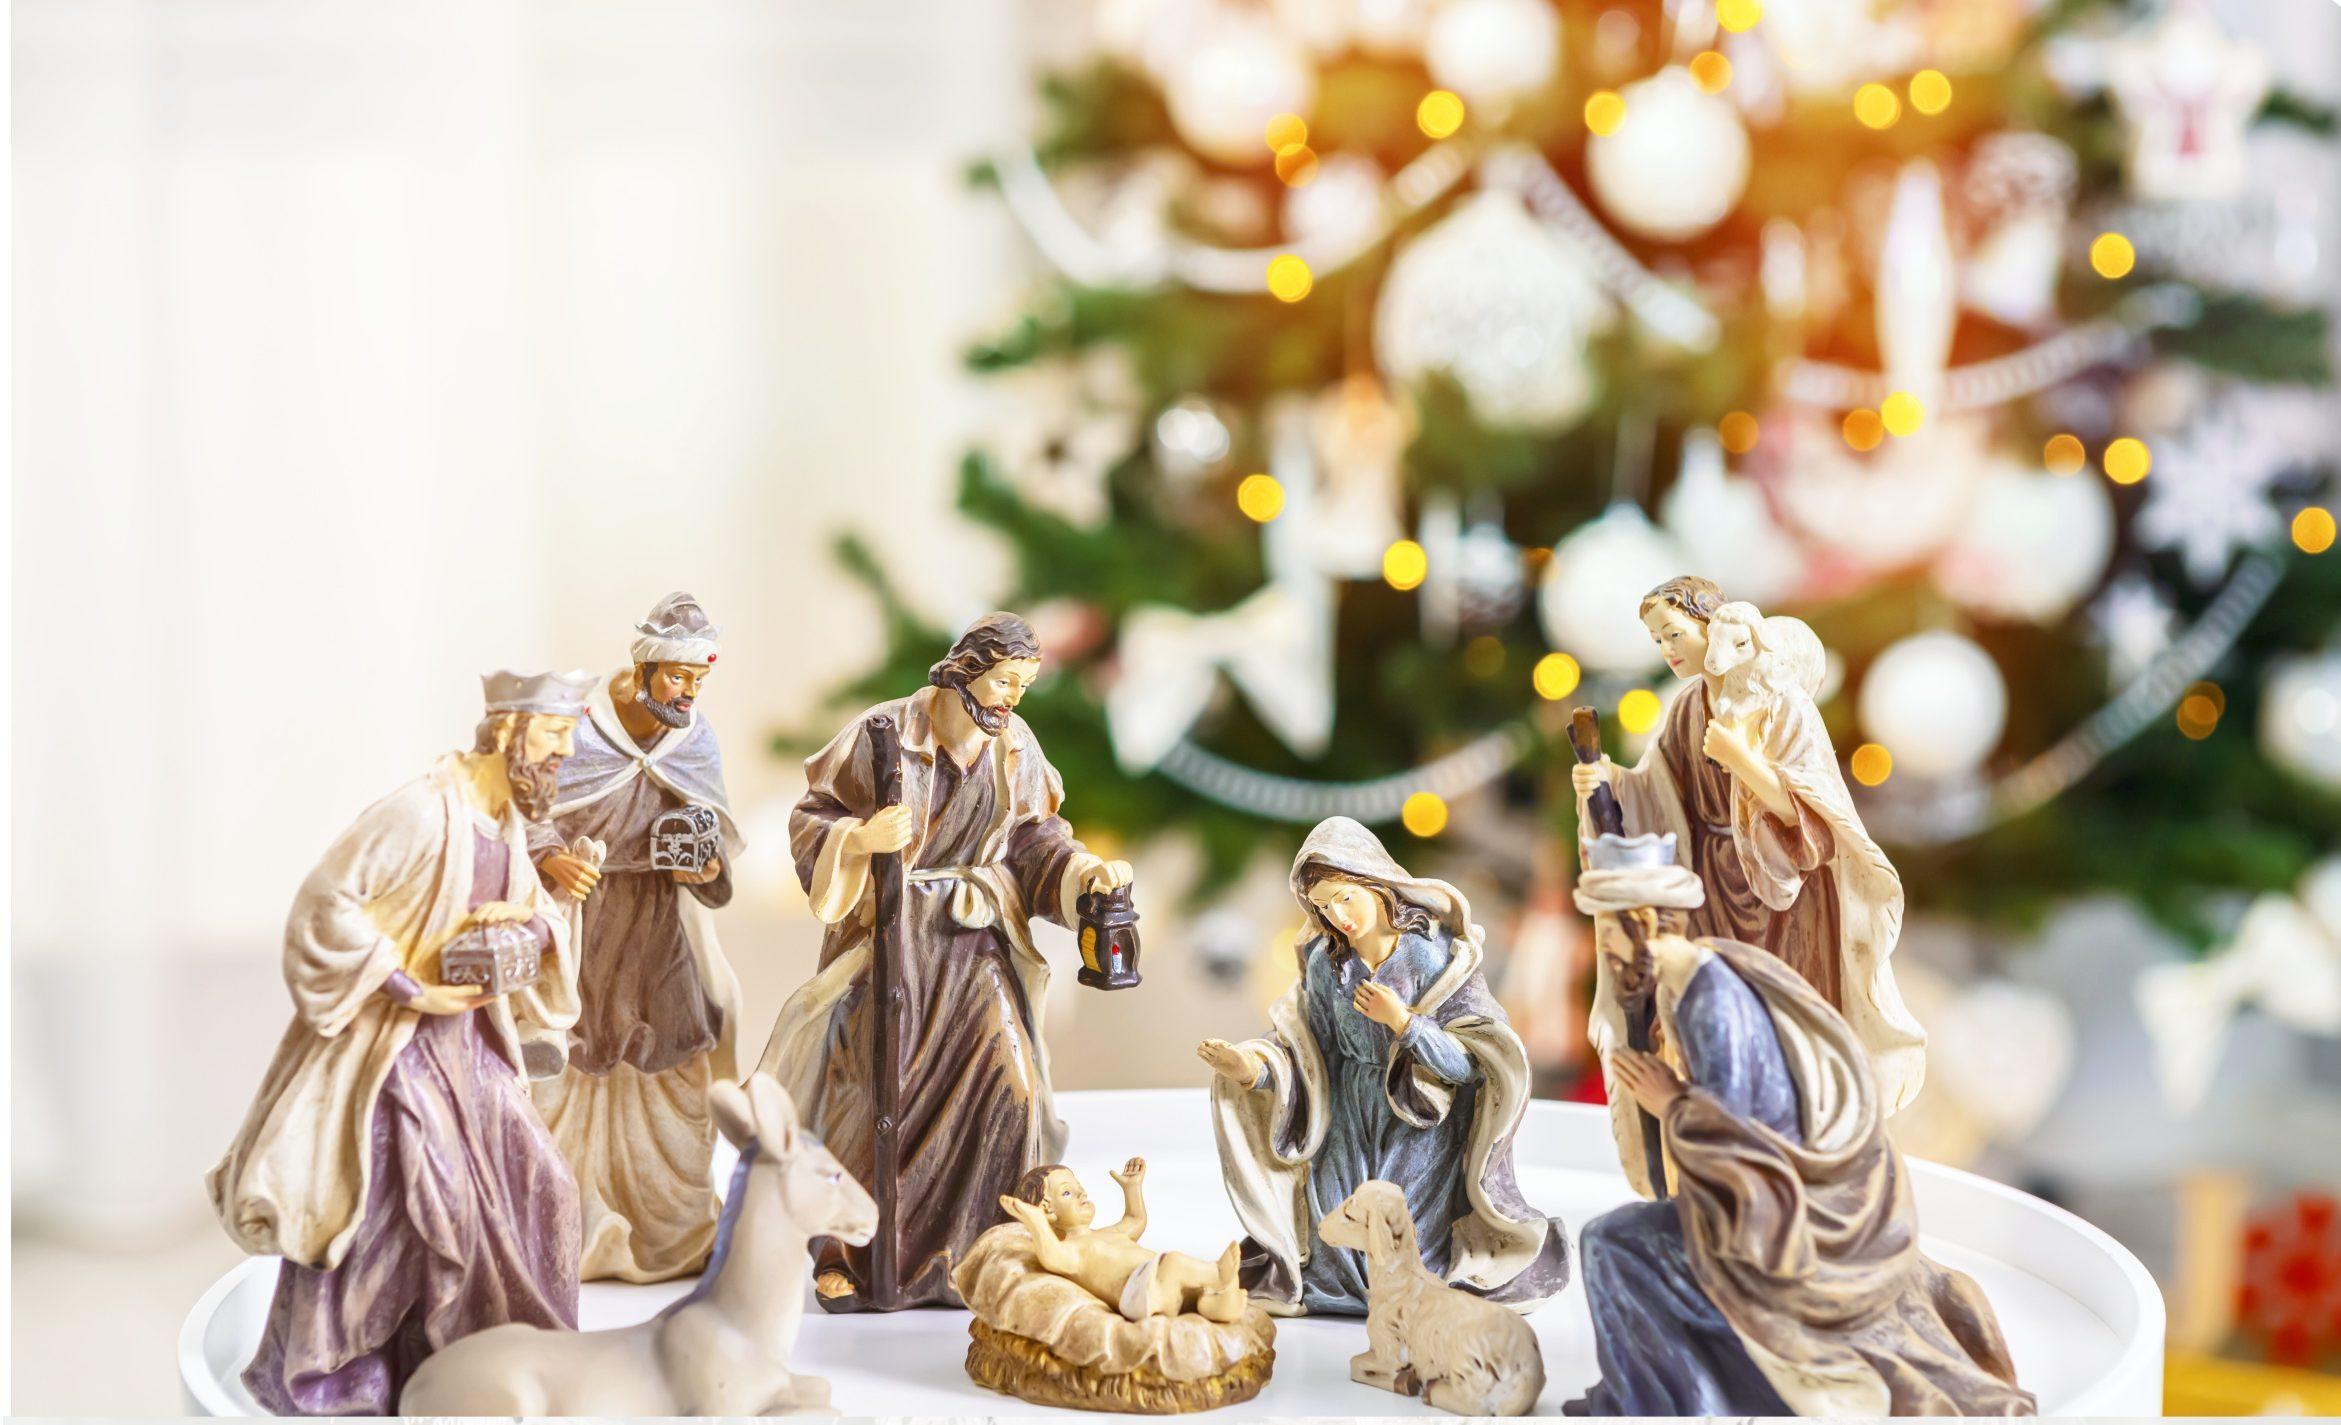 grafika - życzenia świąteczne